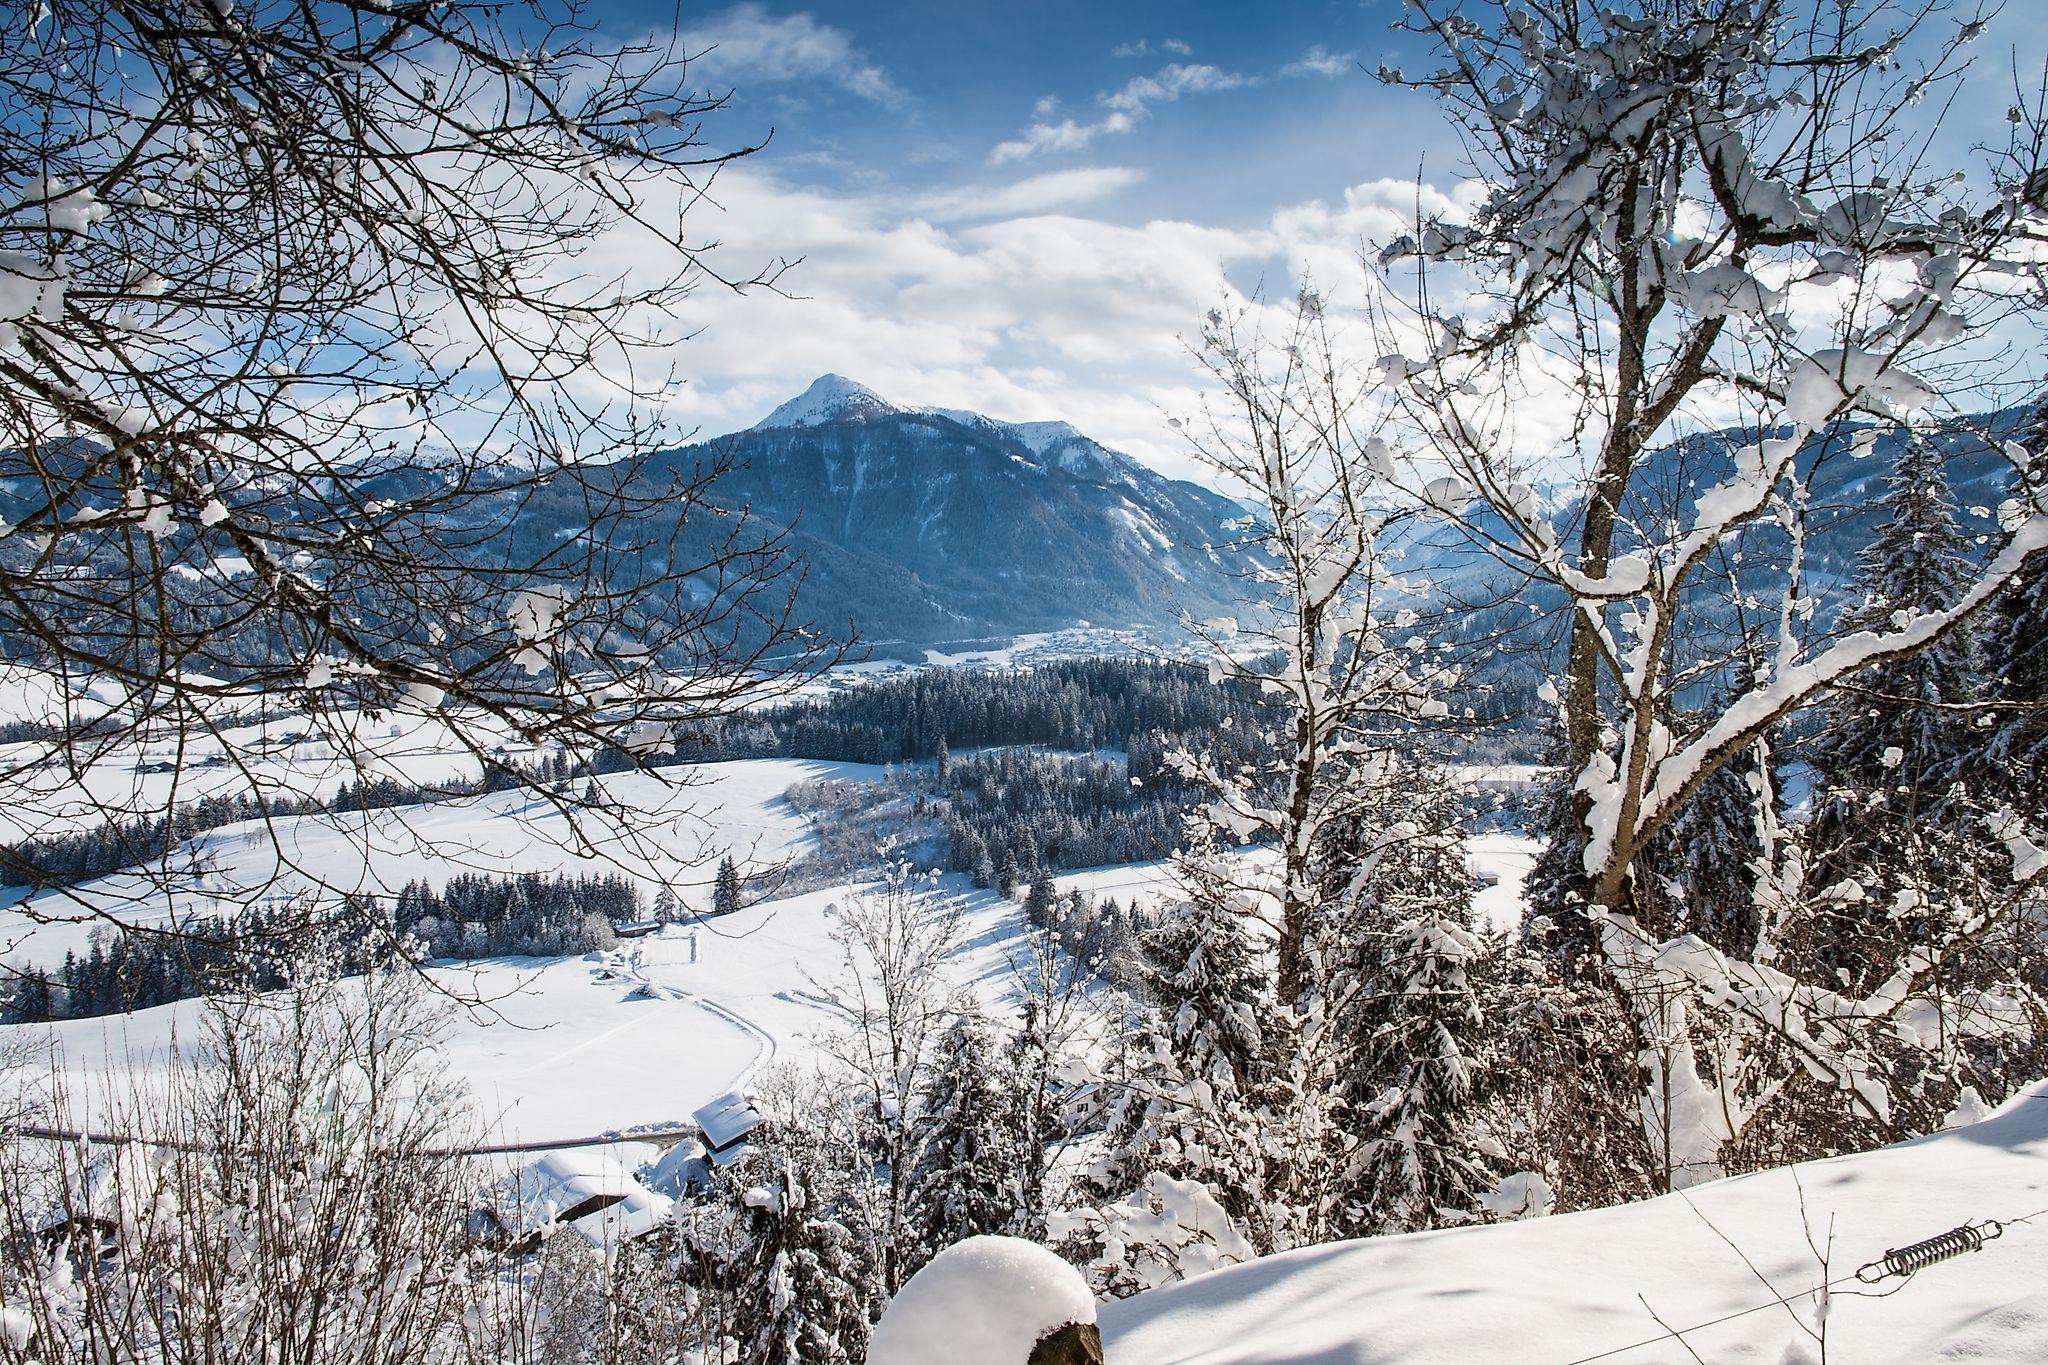 <p>Wintersportort Flachau - tief verschneit</p>